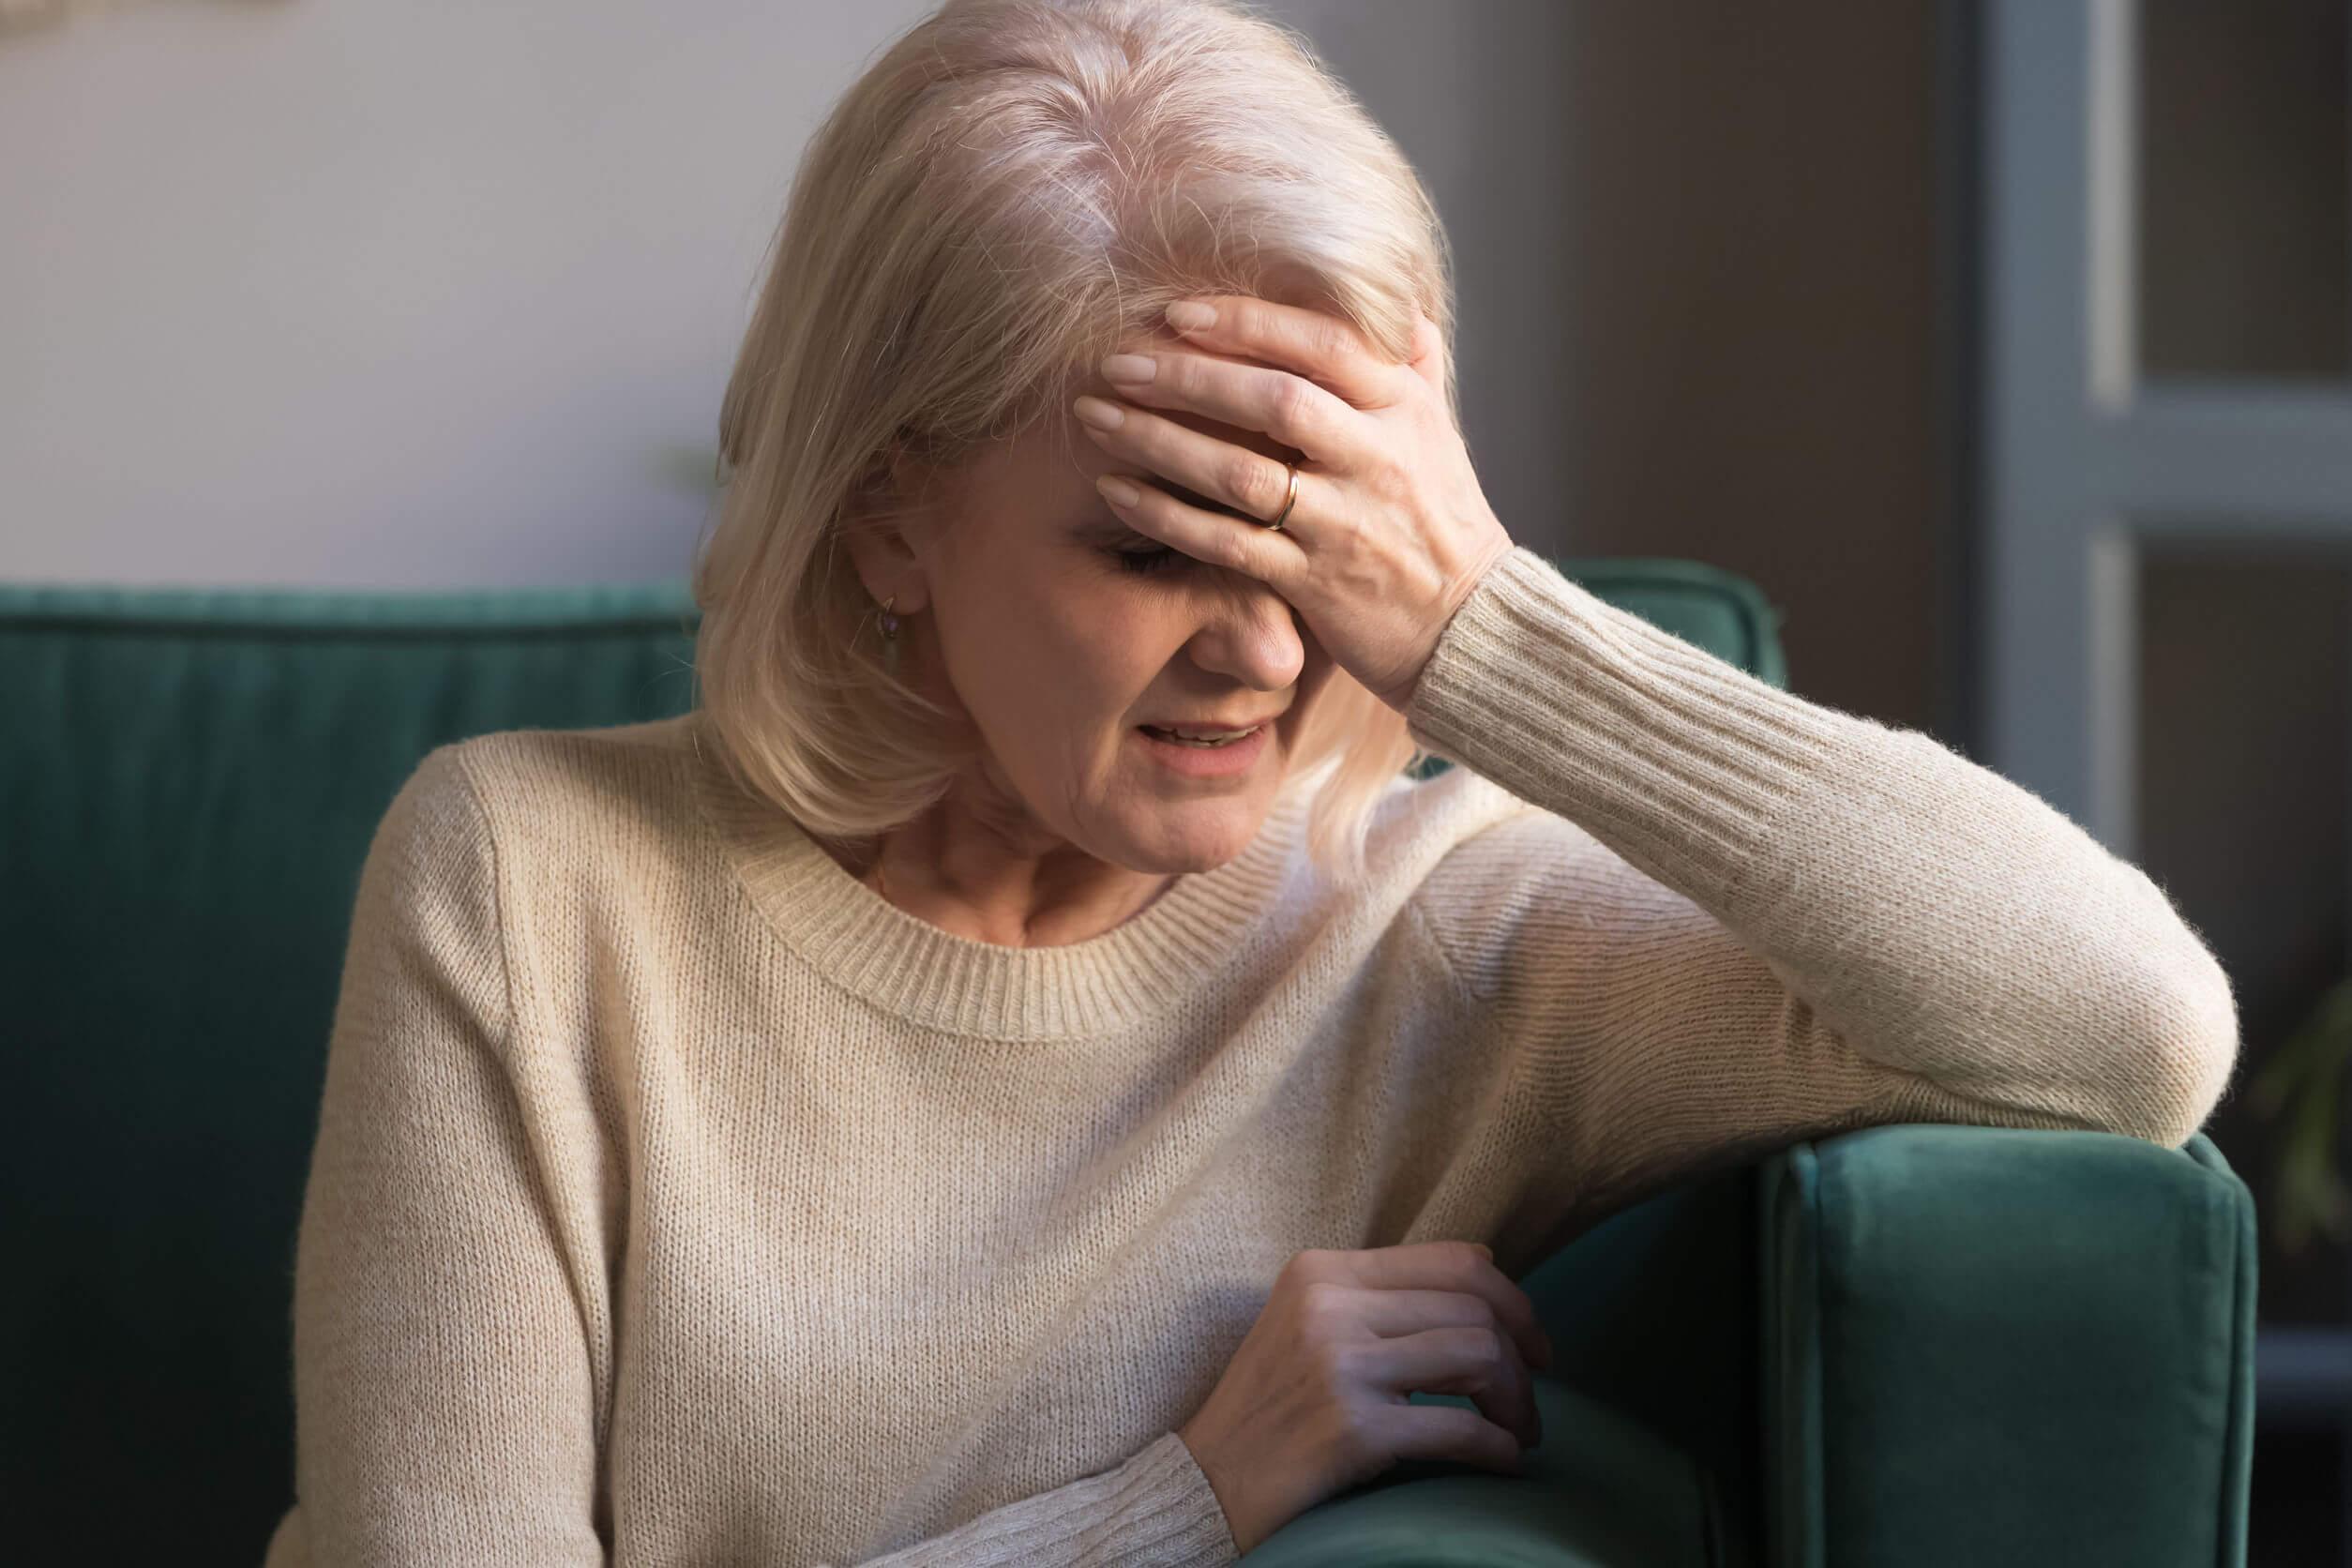 Las personas altamente sensibles pueden experimentar ciertas dificultades.